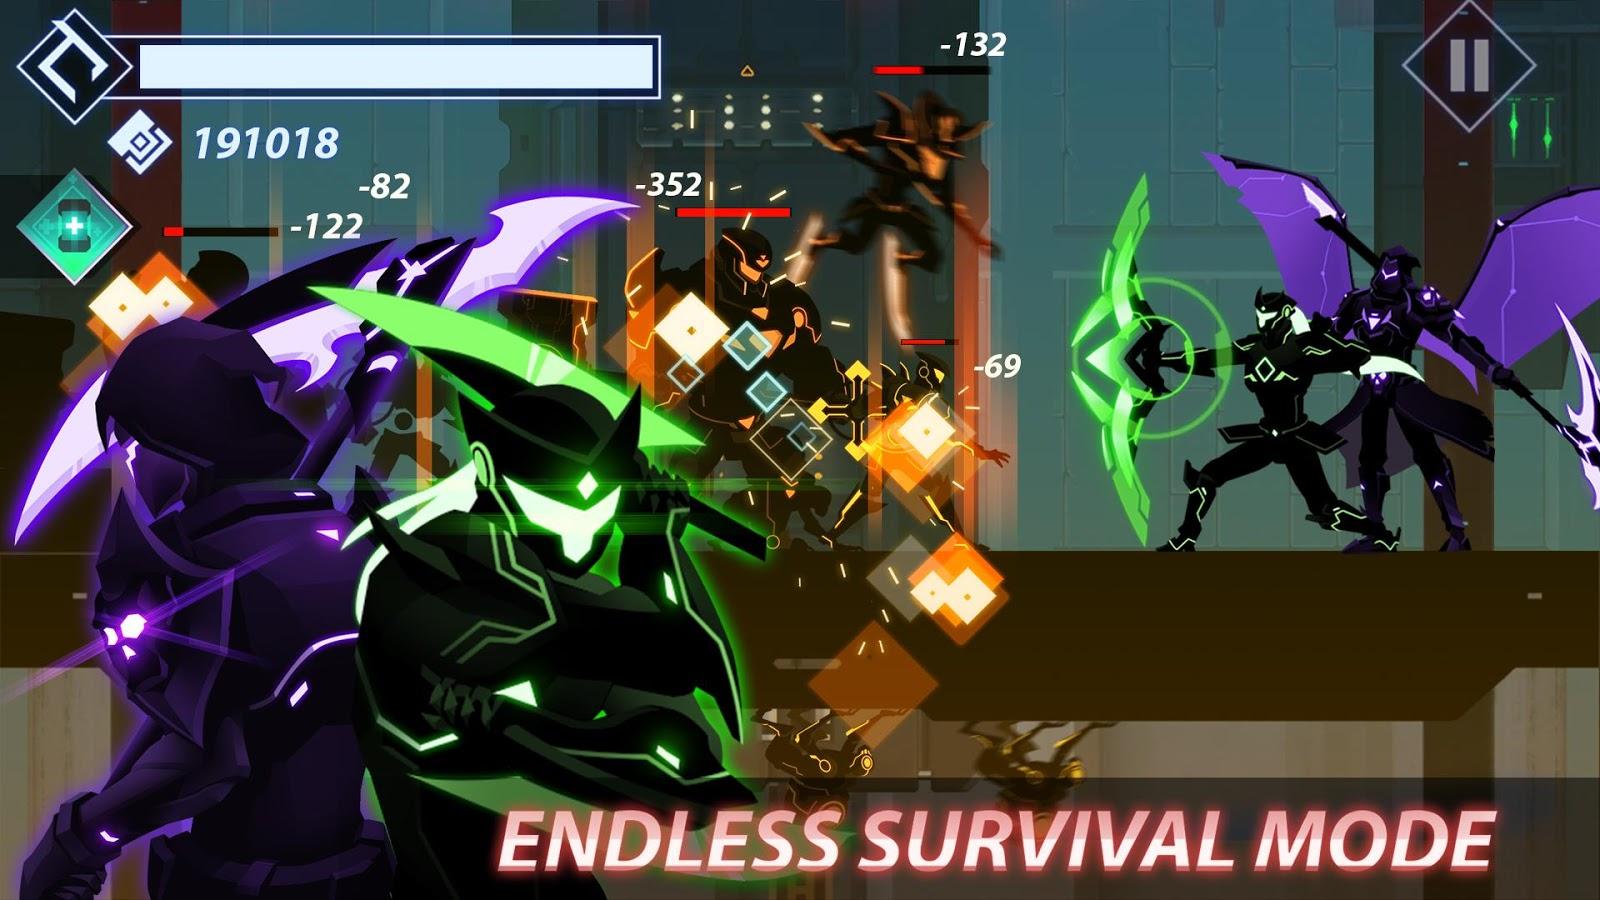 تحميل لعبة نينجا الظل Overdrive للاندرويد برابط مباشر مجانا screen-1.jpg